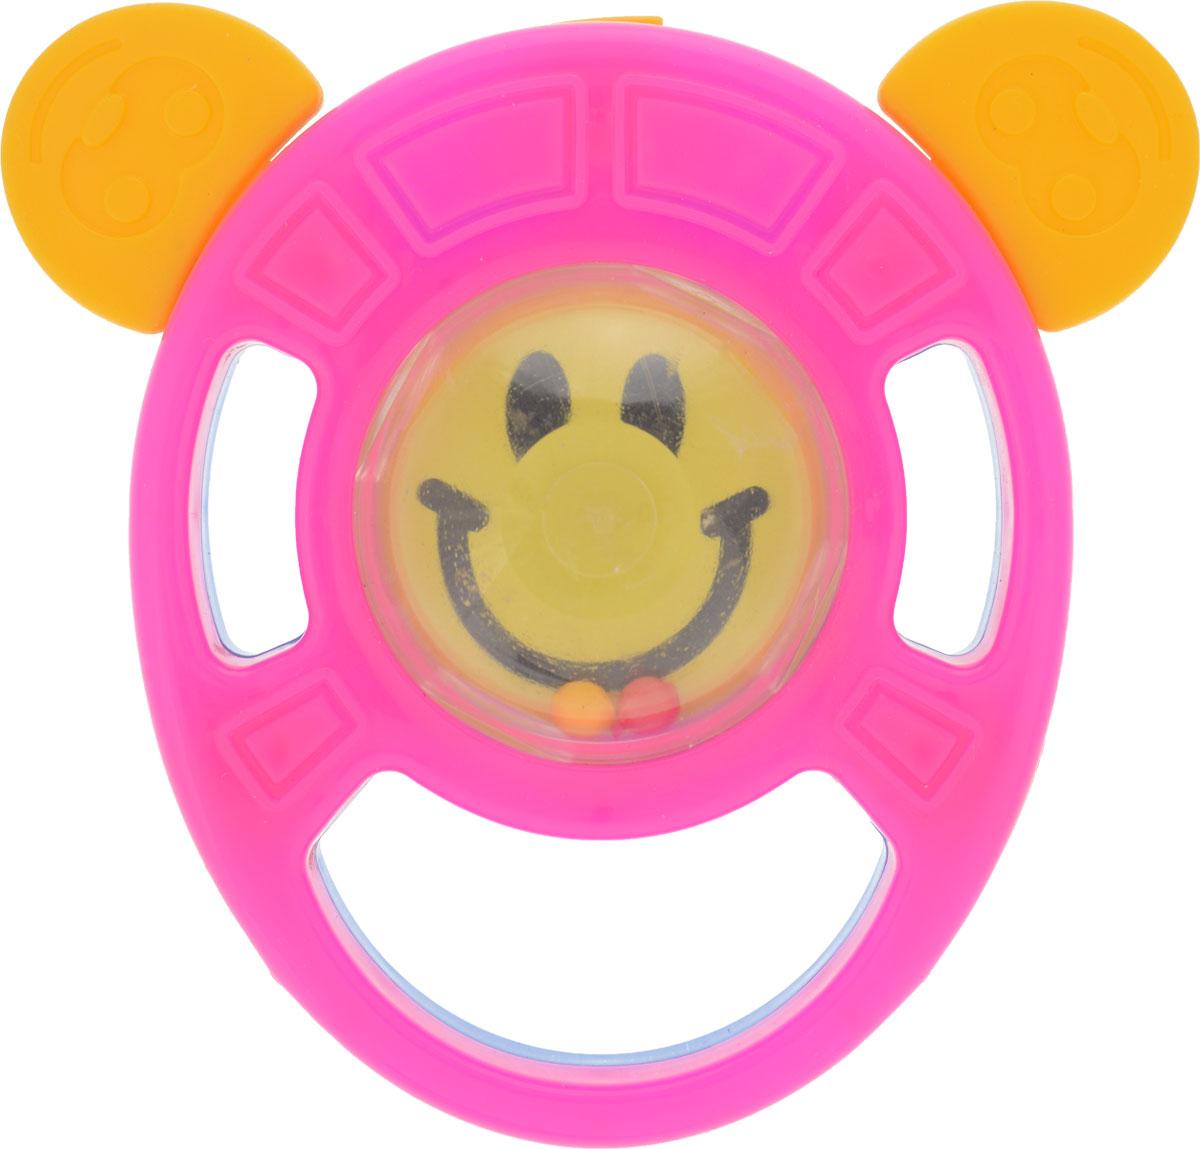 Пластмастер Погремушка-грызунок Смайлик цвет розовый